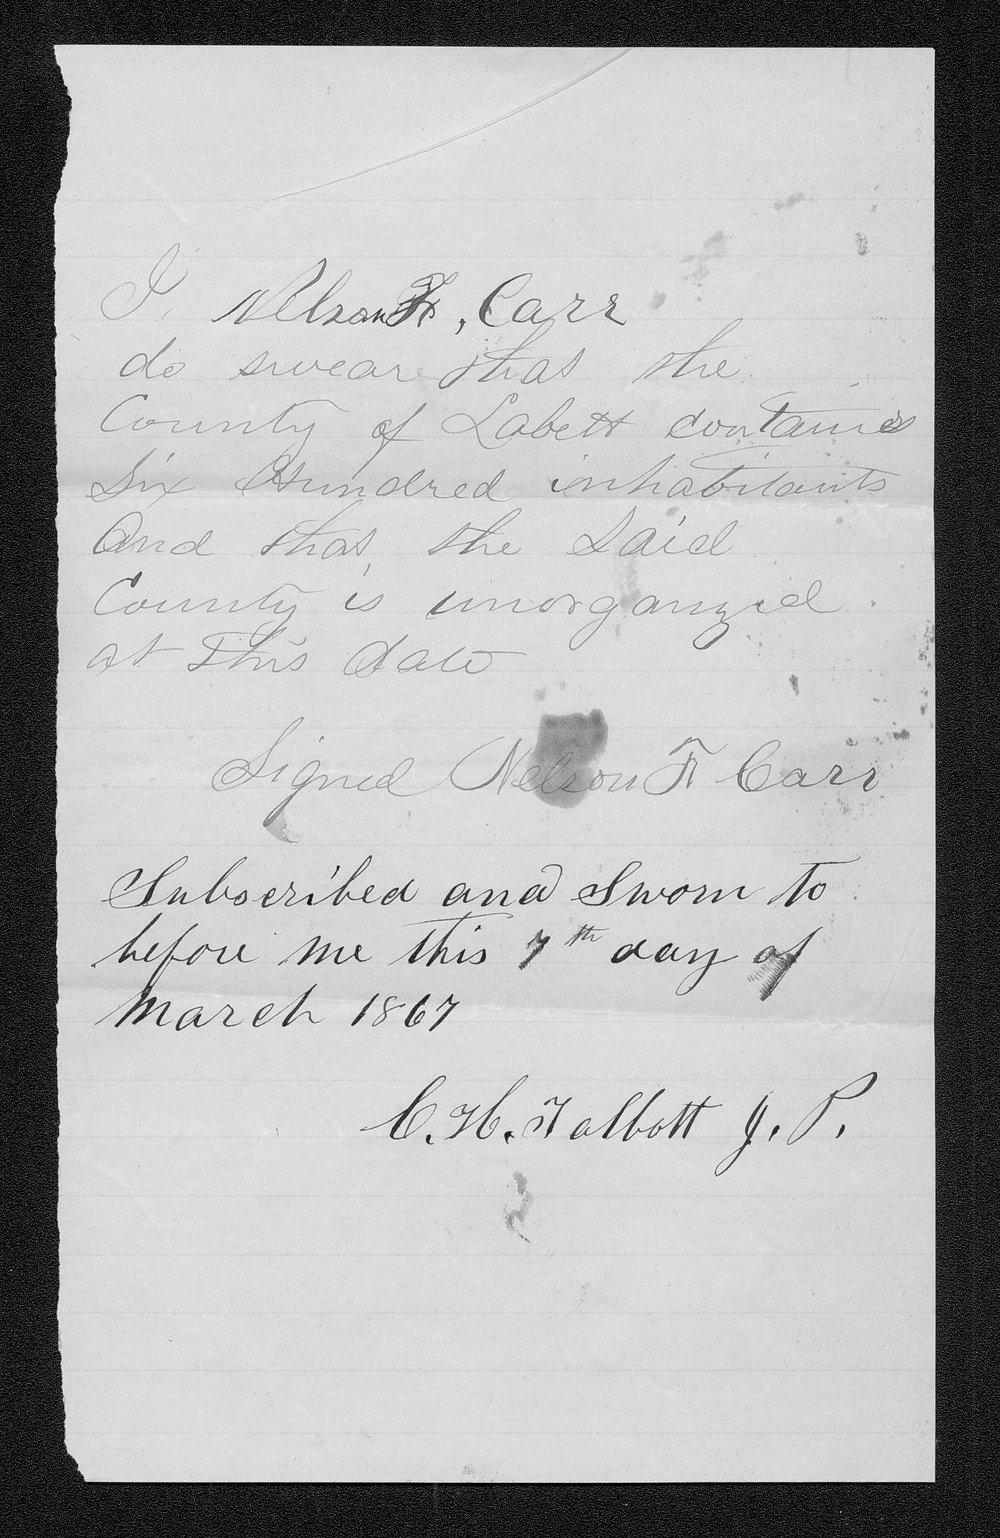 Labette County organization records - 3